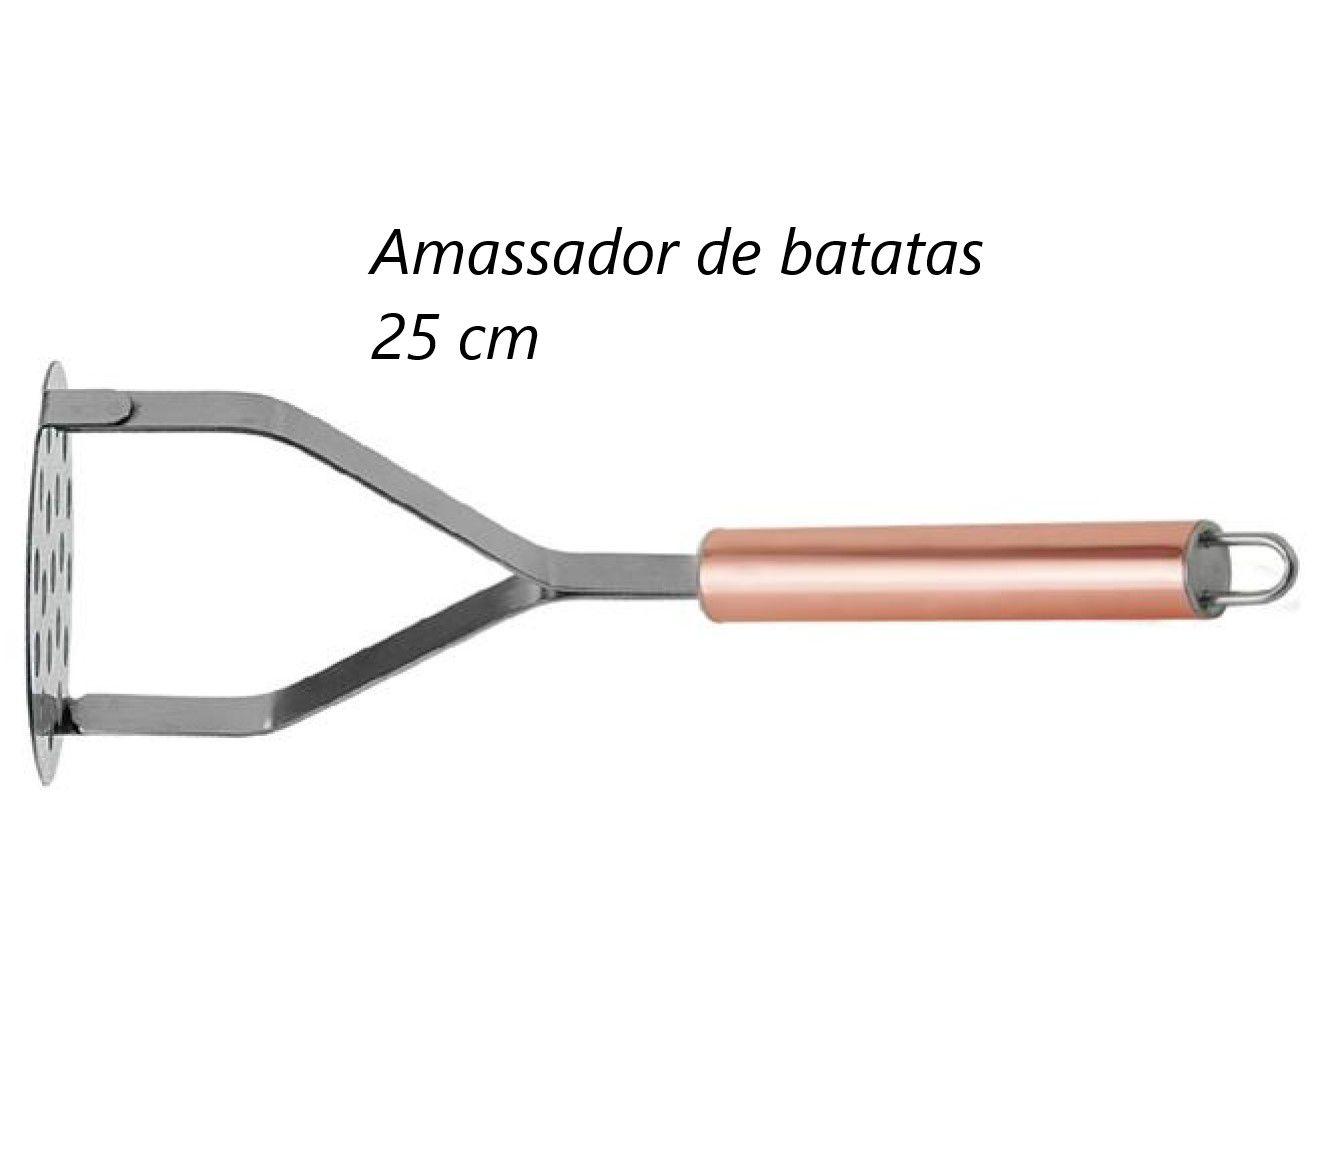 Amassador de batatas em Aço inox Rose cobre MimoStyle espremedor de batata purê